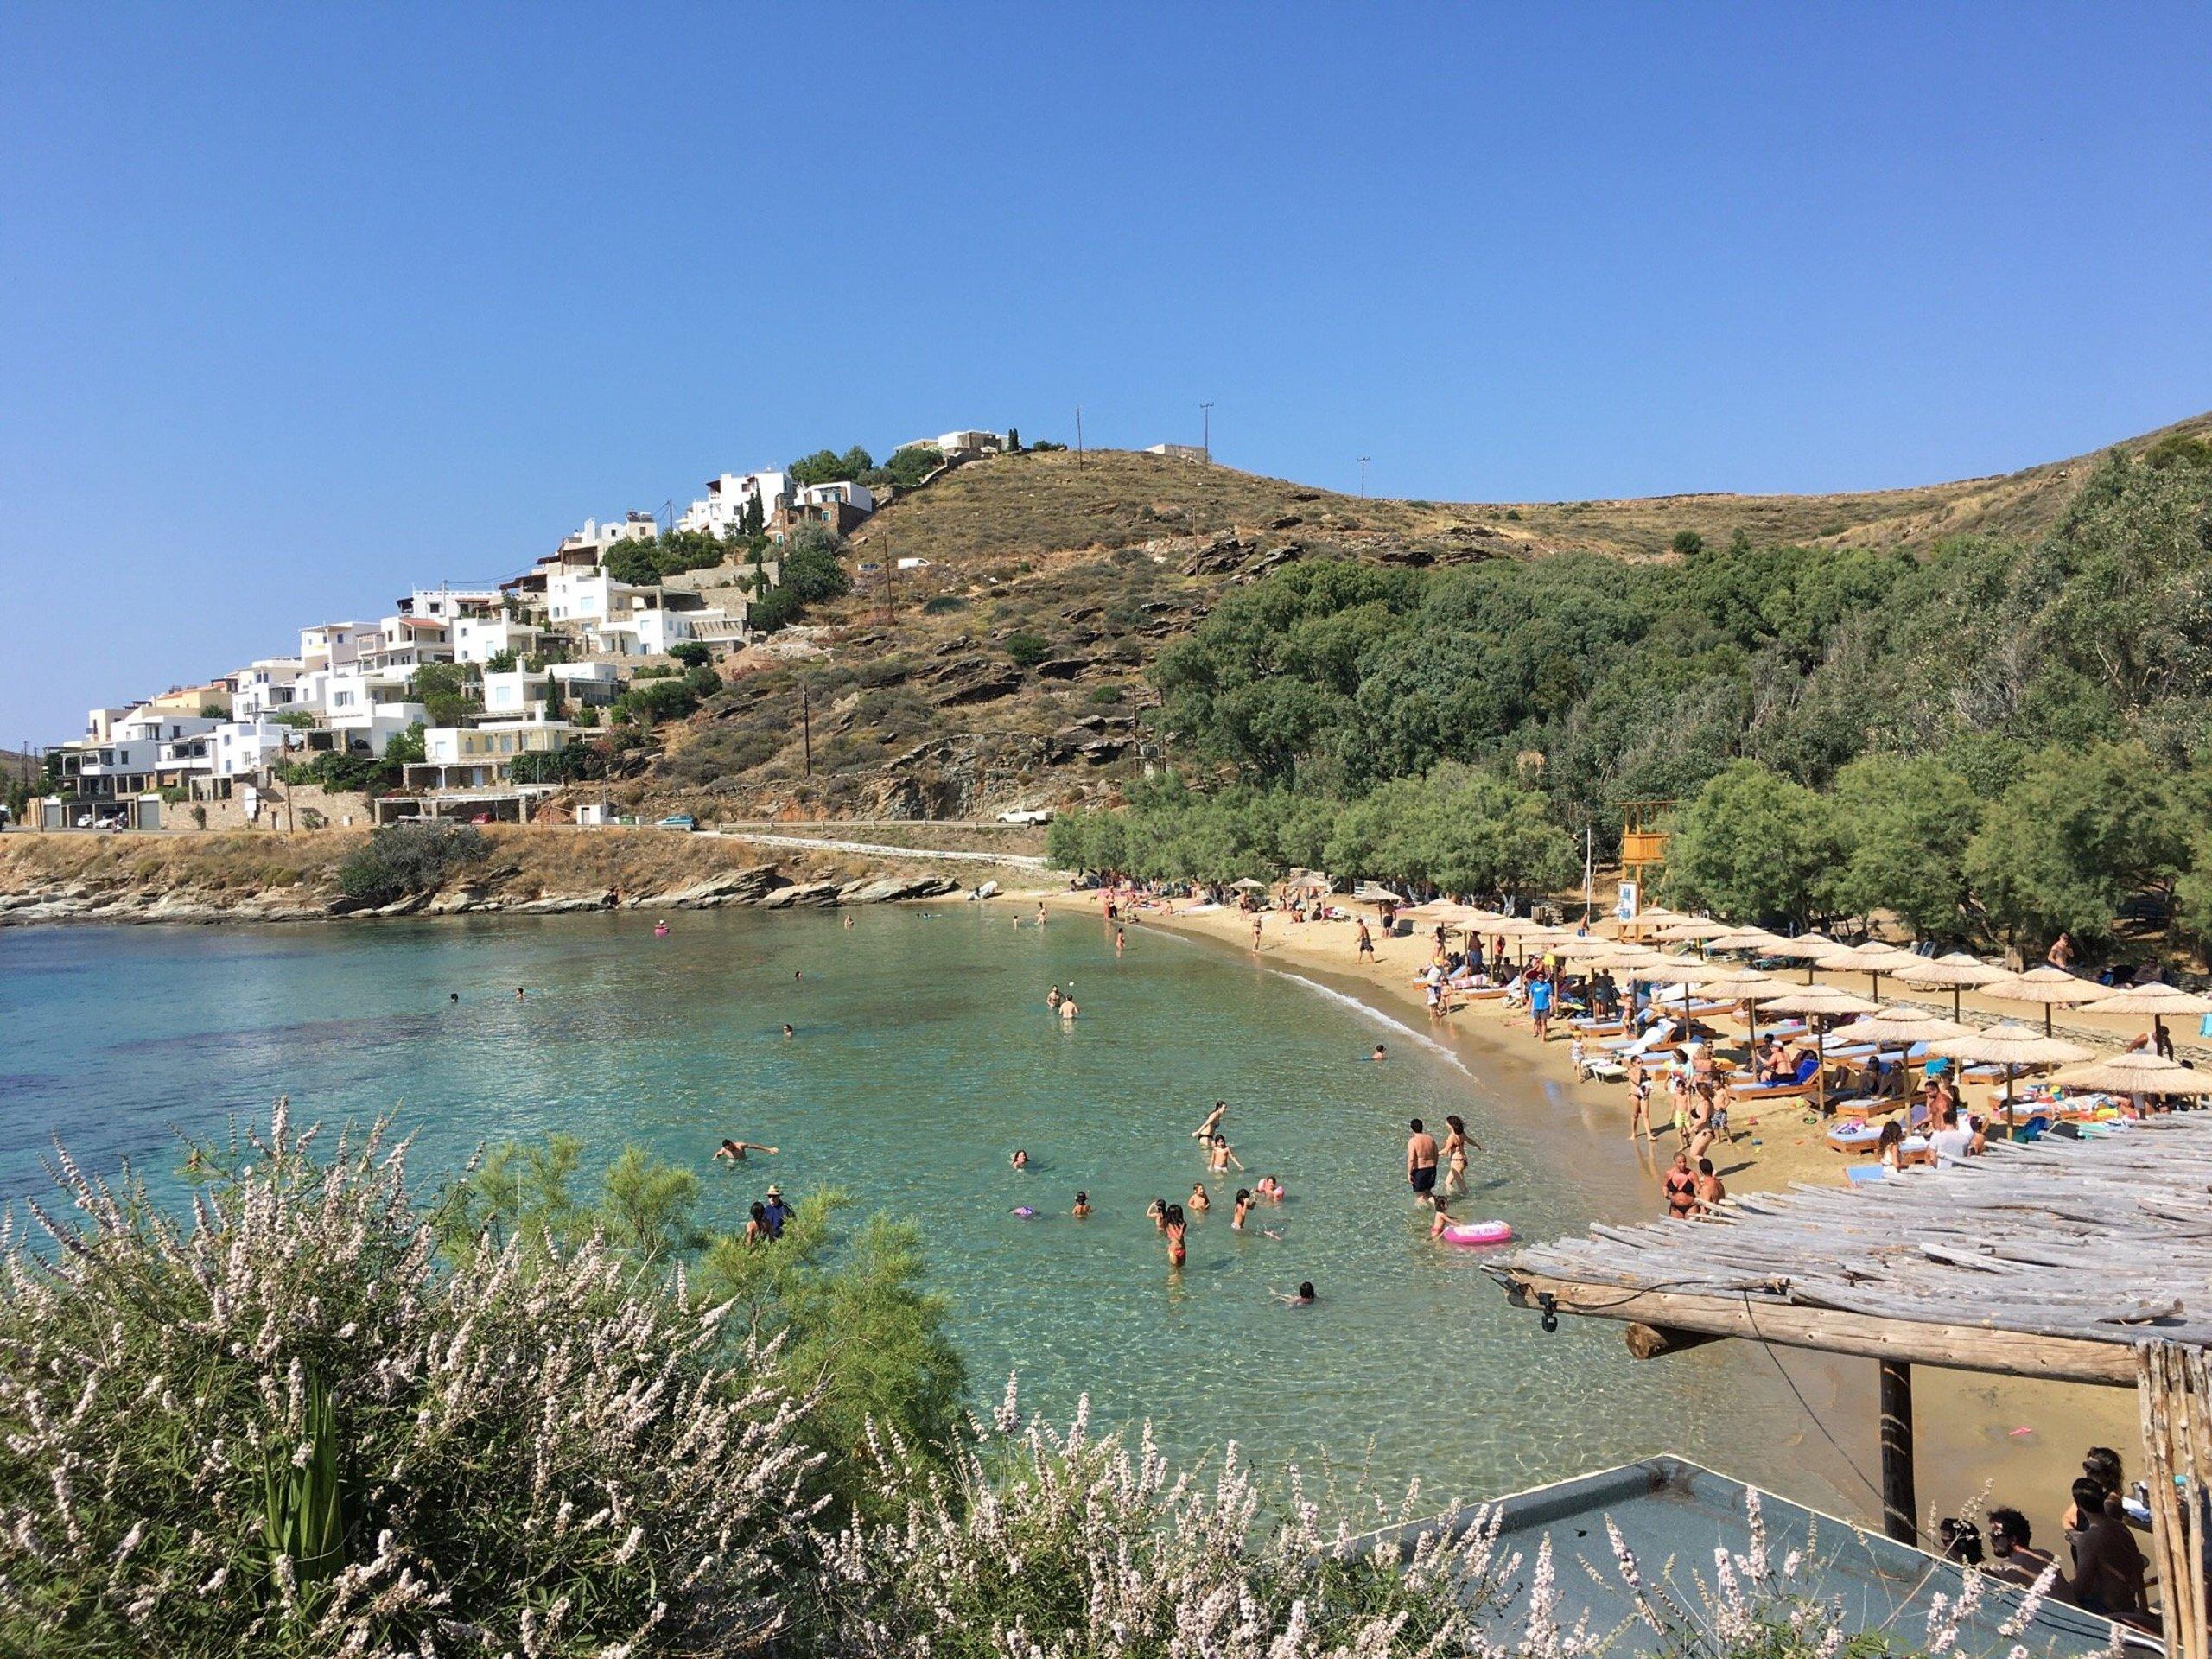 Παραλία Γιαλισκάρι (Κέα, Ελλάδα) - Κριτικές - Tripadvisor